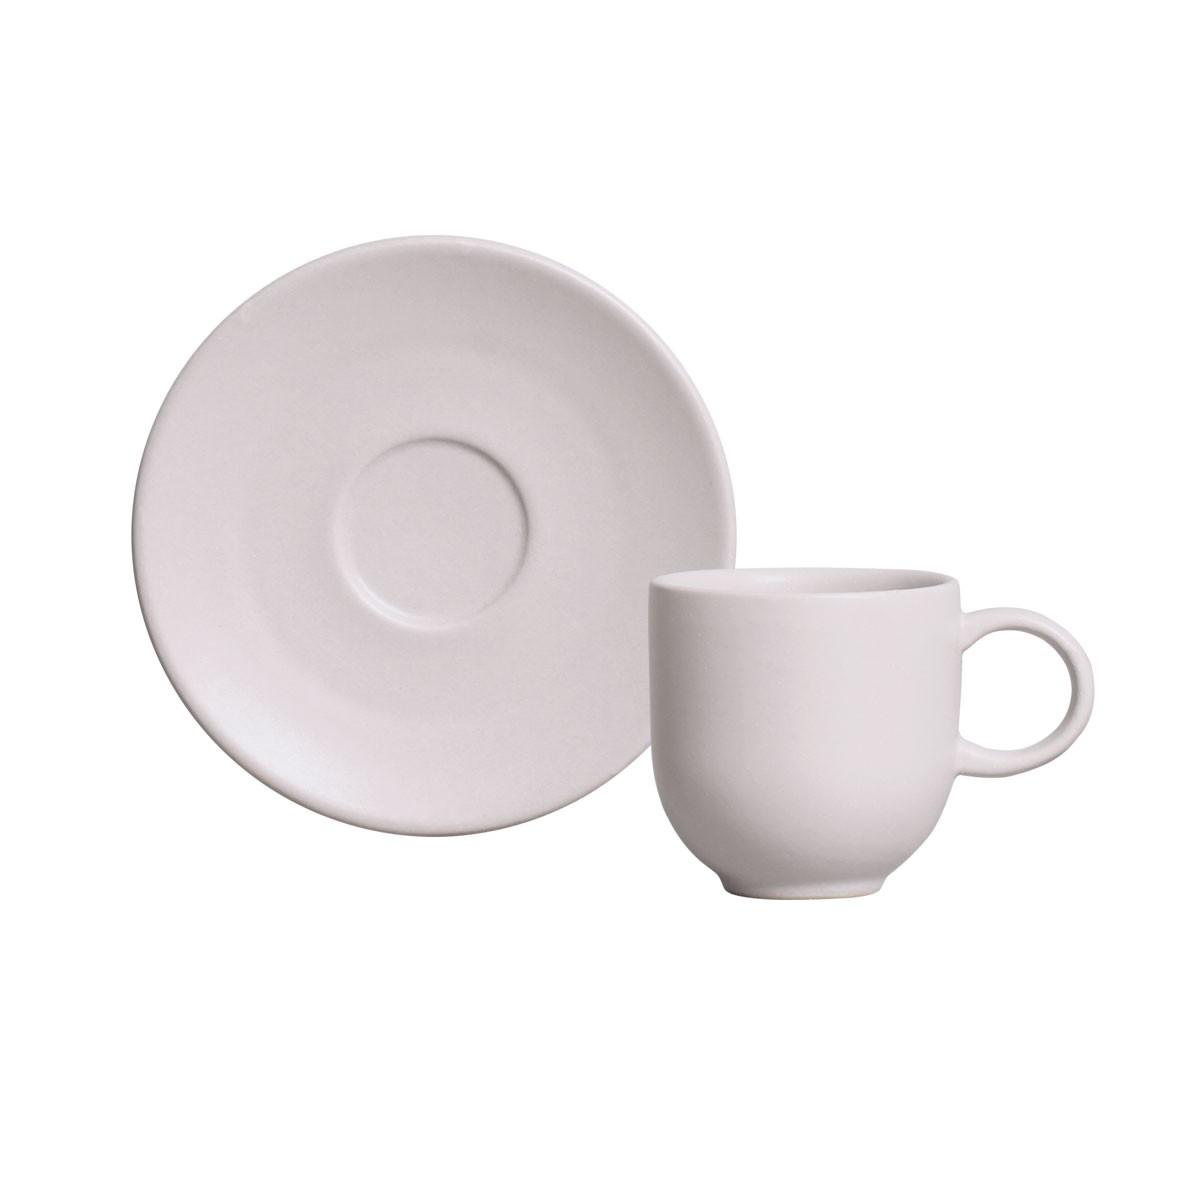 Xicara de Cafe Haya de Ceramica com Pires 97ml Off-white - Porto Brasil